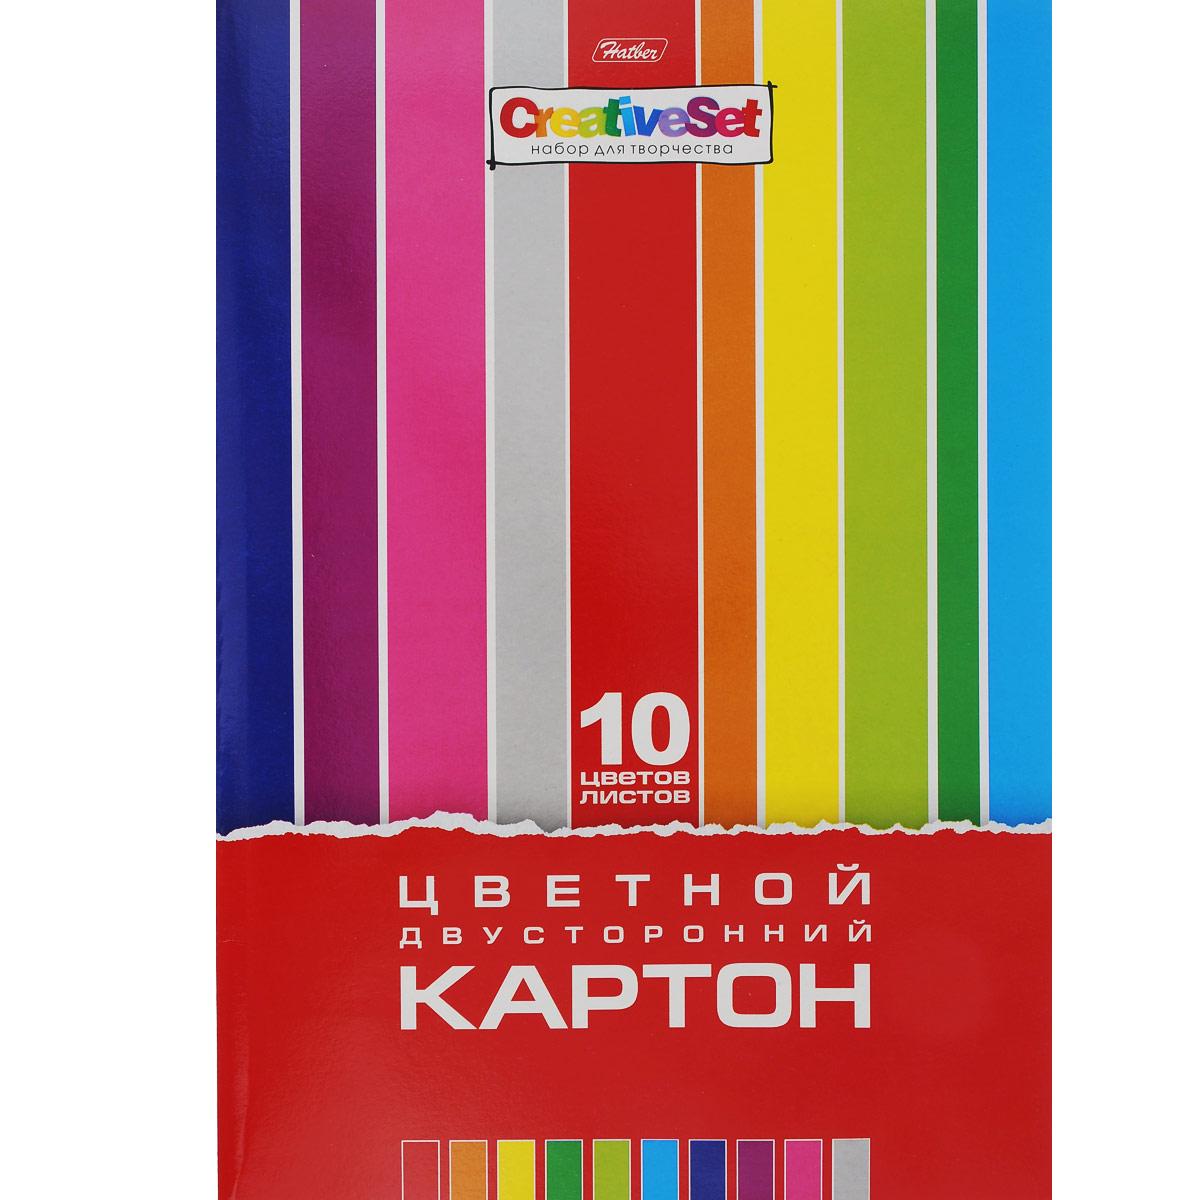 """Картон цветной Hatber """"Creative Set """", двухсторонний, 10 цв, формат А4 10Кц4_05934"""